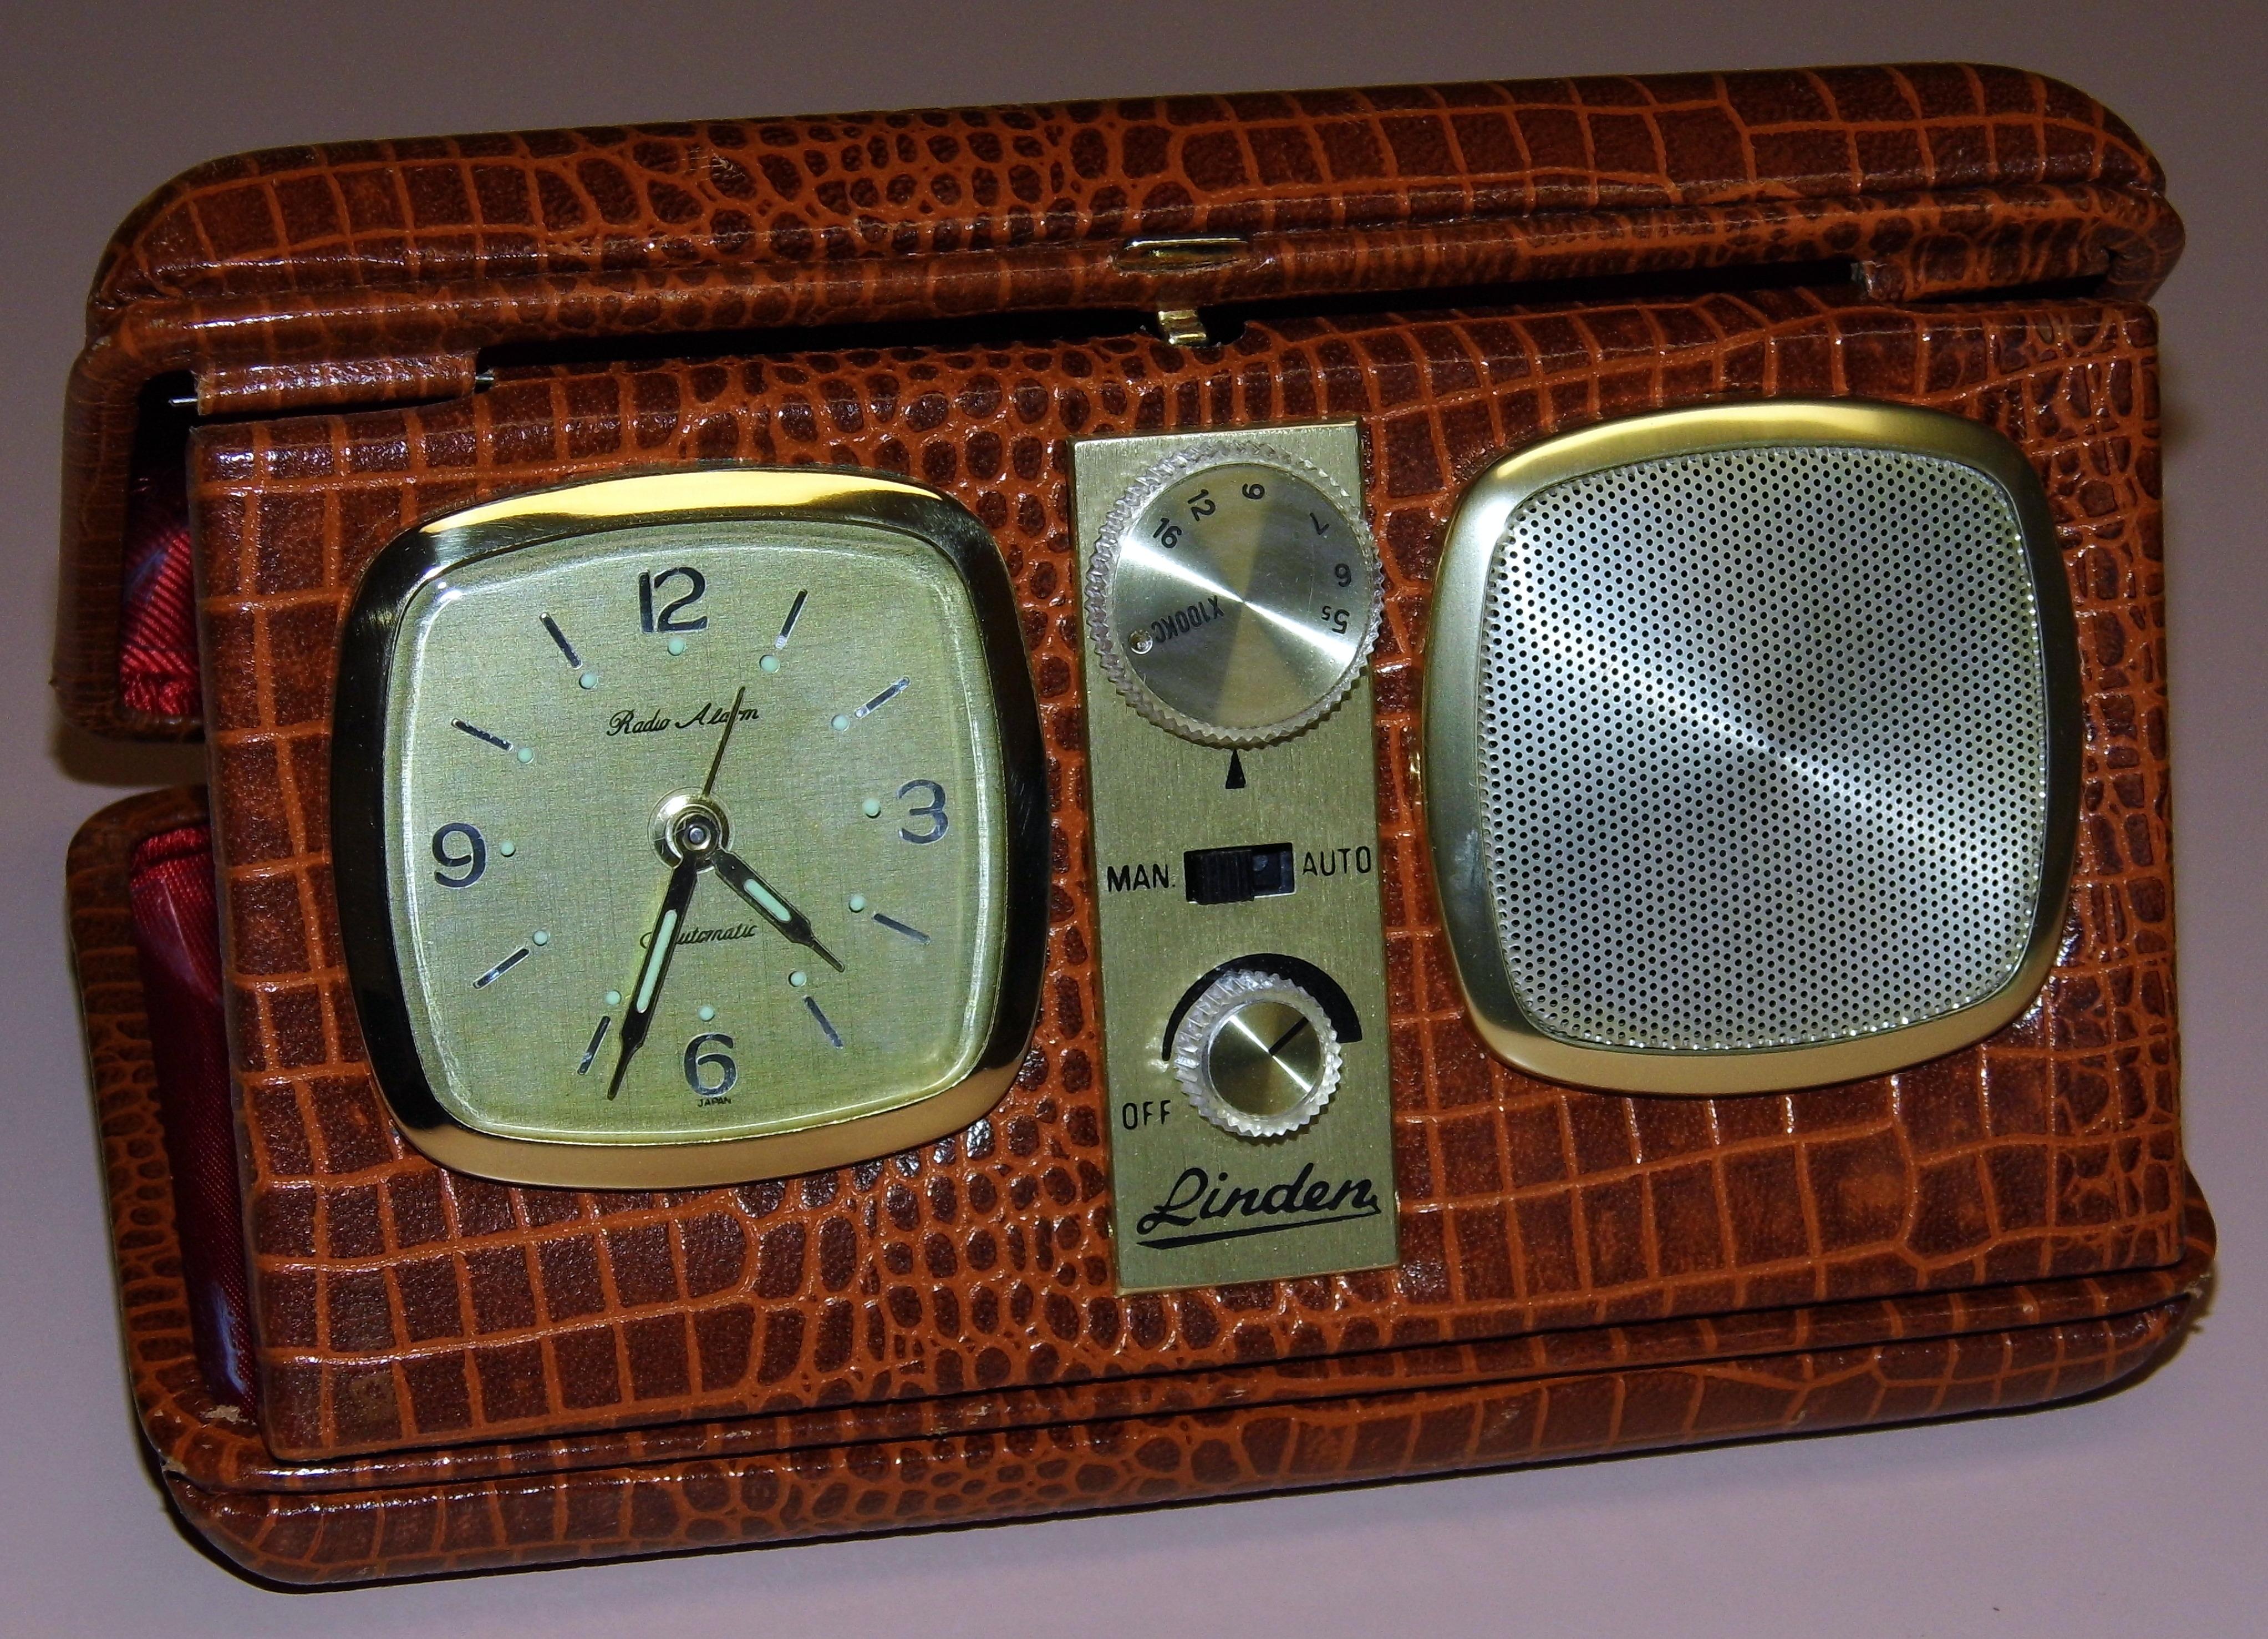 File:Vintage Linden Travel Clock Radio, Broadcast Band ...